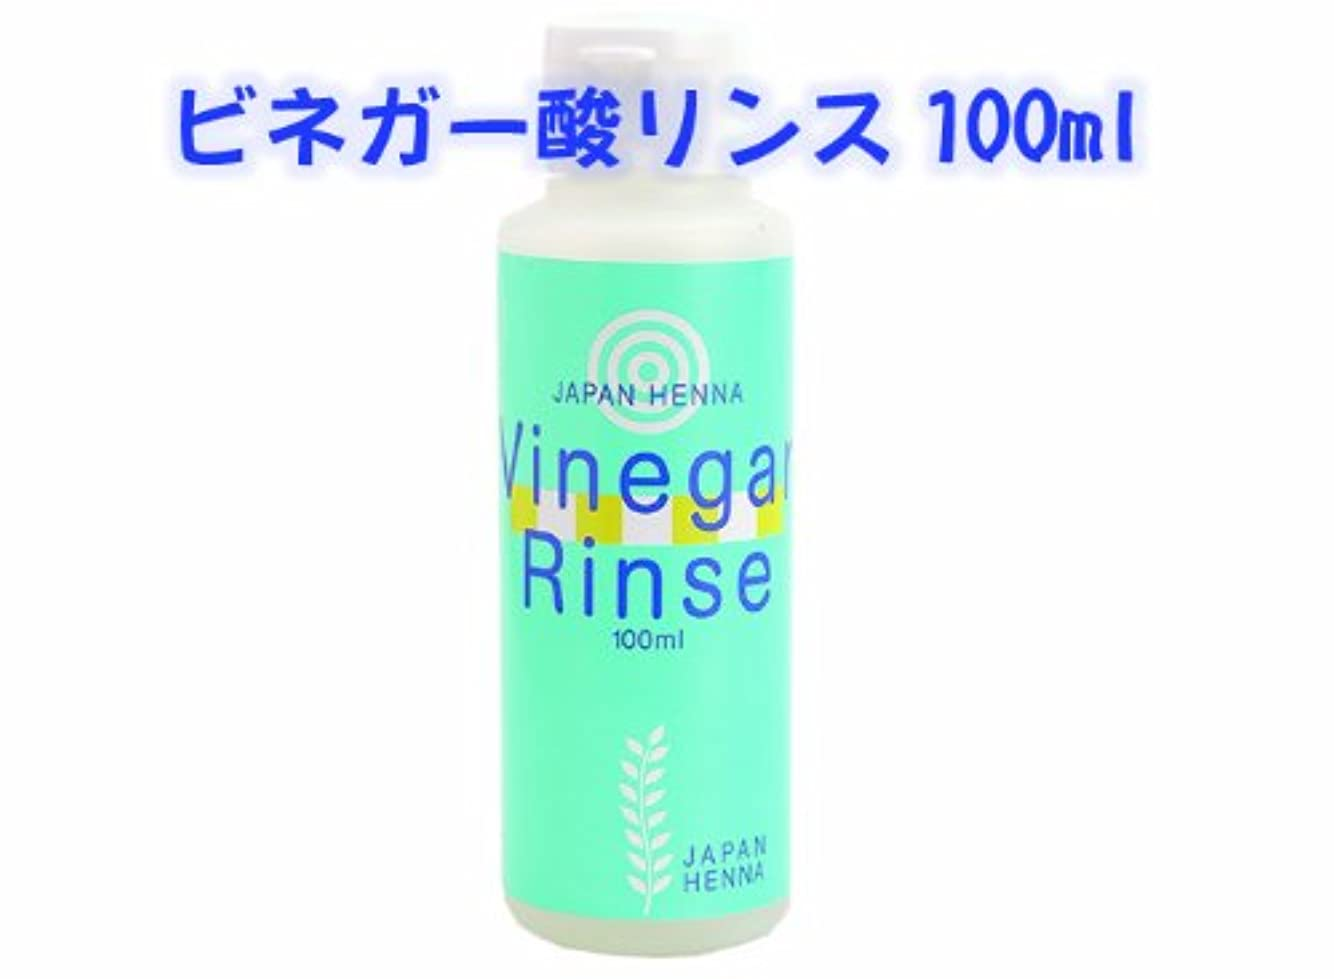 シリング登録インデックスジャパンヘナ ビネガーリンス 100ml